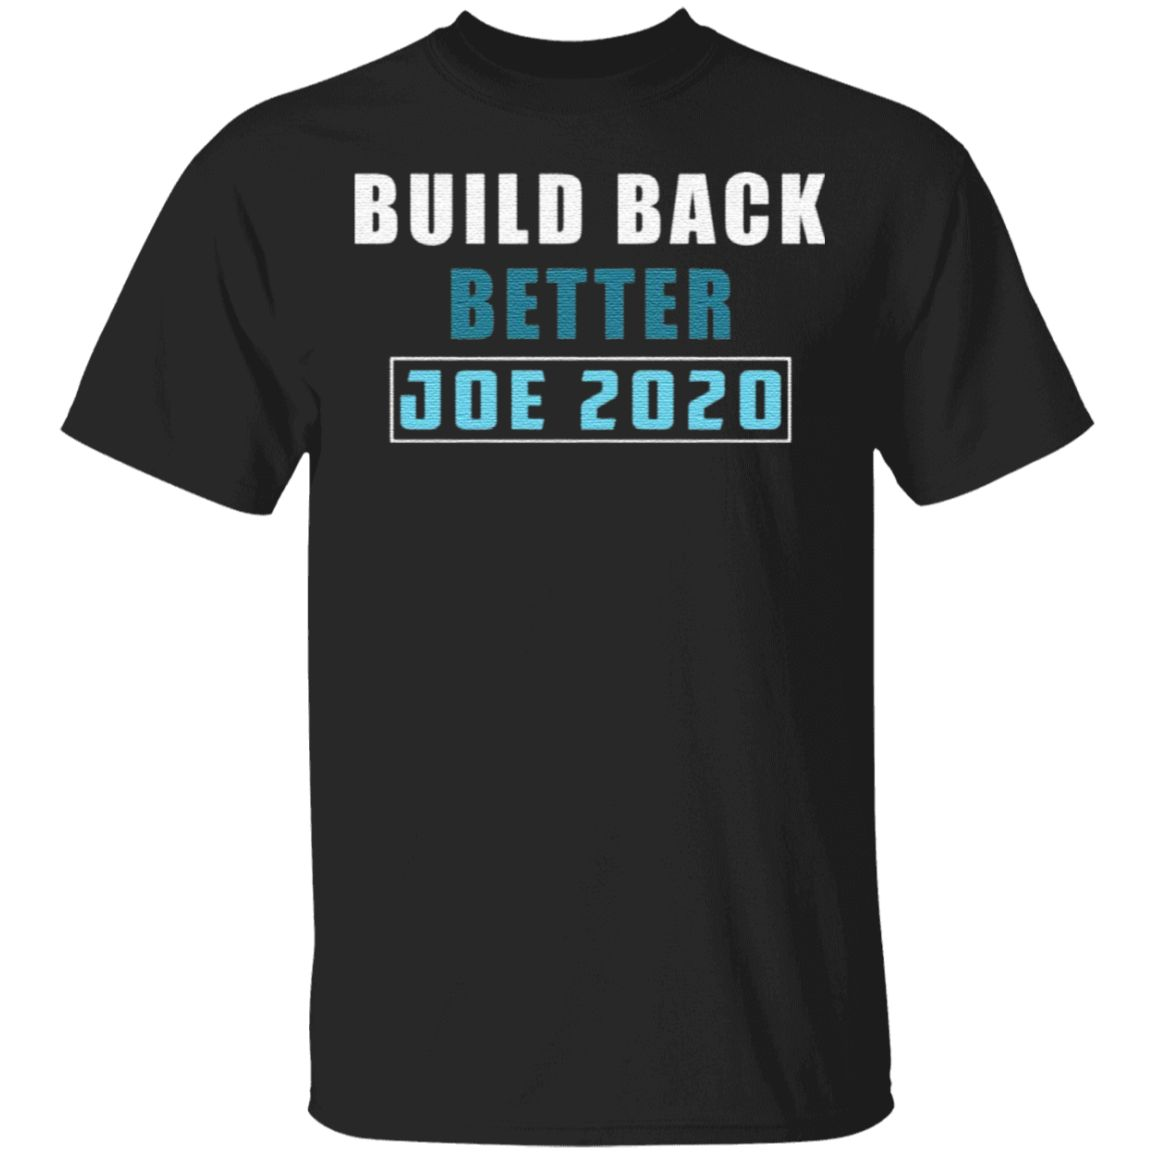 Build back better Joe 2020 tshirt